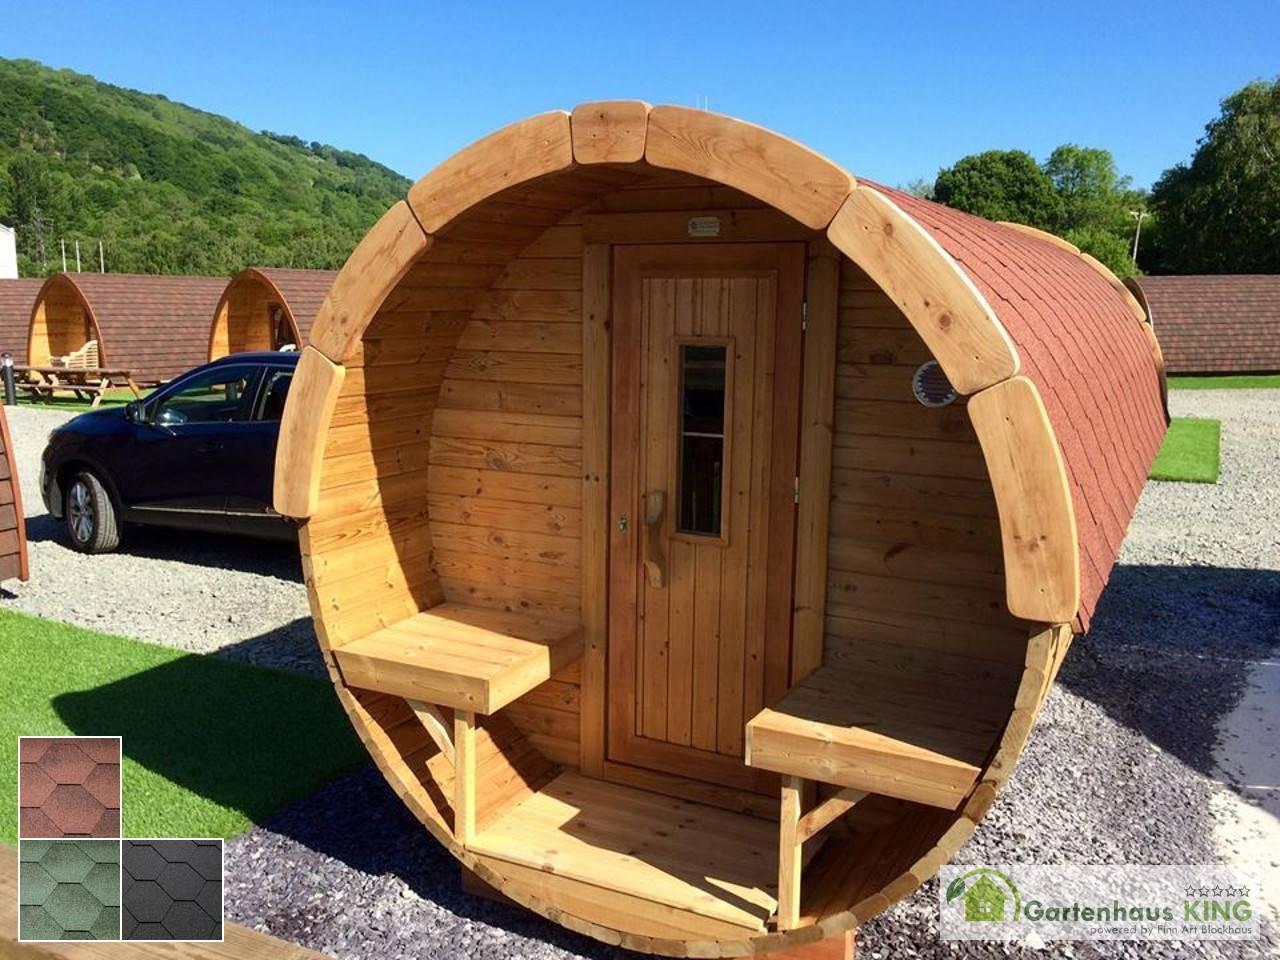 Finn Art Fass Sauna Premium 450 227 Thermoholz Gartenhaus King De